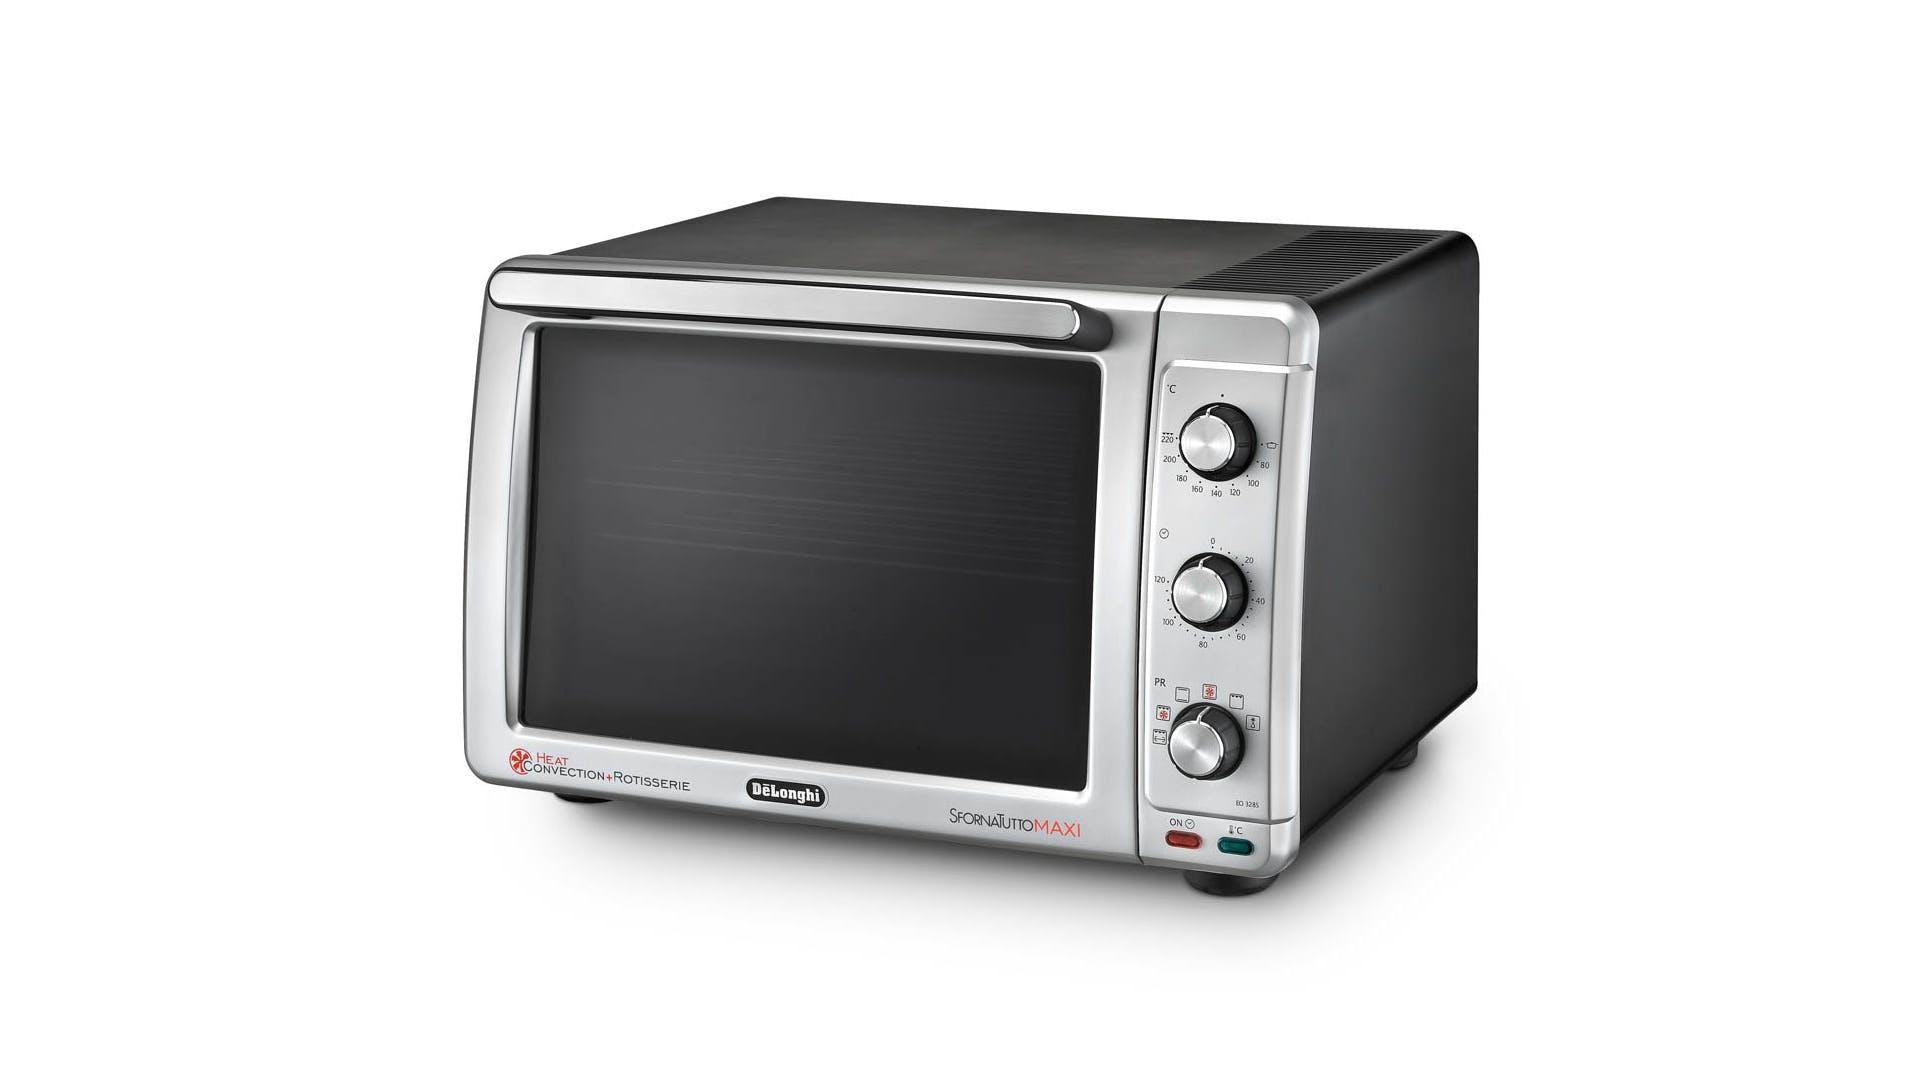 Toaster Oven Electric Harvey Norman Singapore Signora Snack Maker Delonghi Sfornatutto Maxi 32l